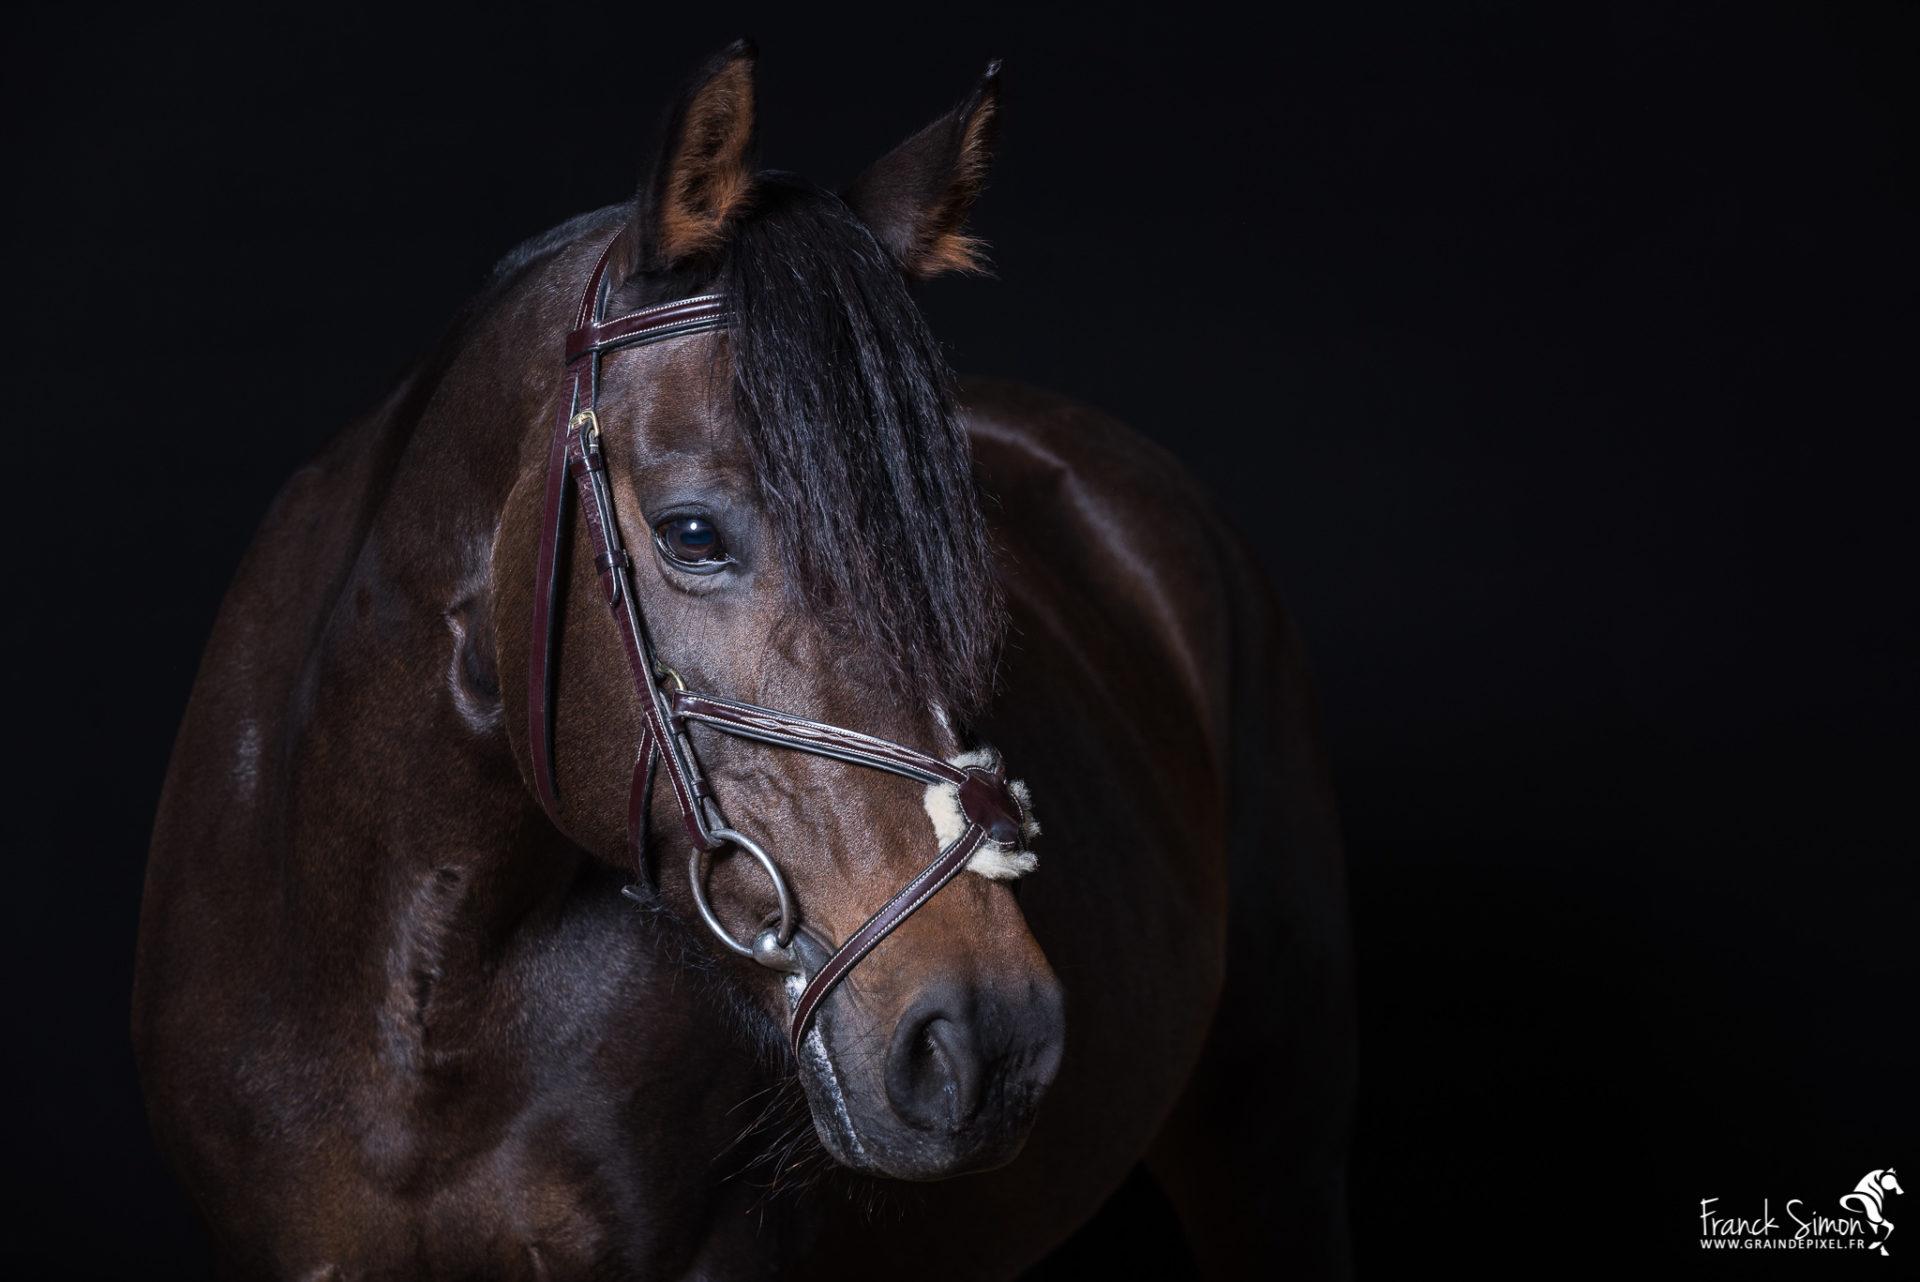 Studio équestre, le cheval sublimé